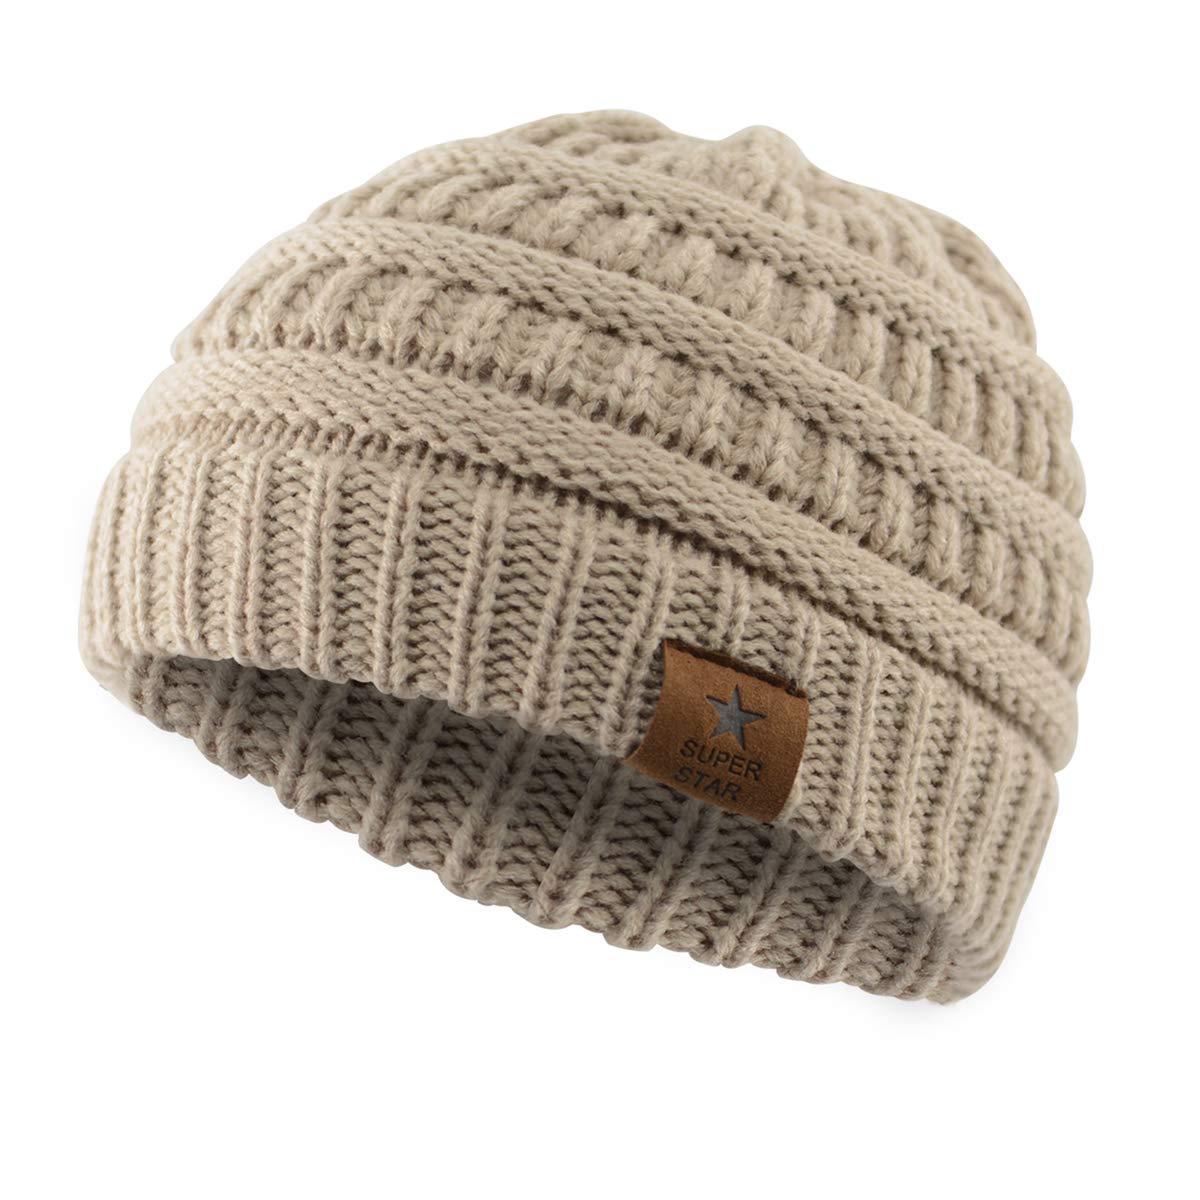 B 1 Pack Beige Durio Unisex Cotton Cute Infant Beanie Hat Toddler Baby Kids Cap Soft Warm Adjustable Boys Girls Hat